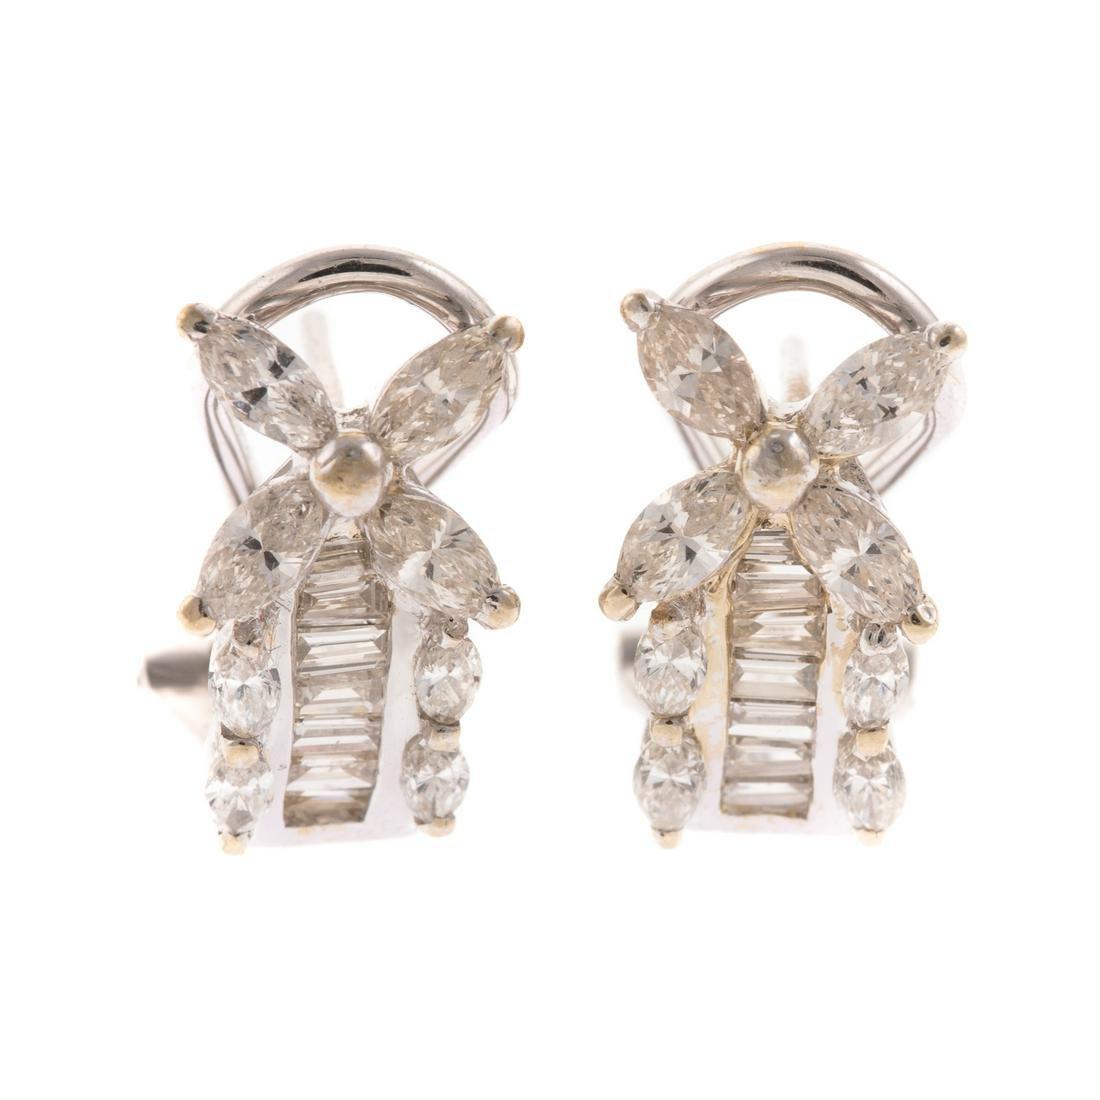 A Ladies Pair of Diamond Earrings in 18K Gold